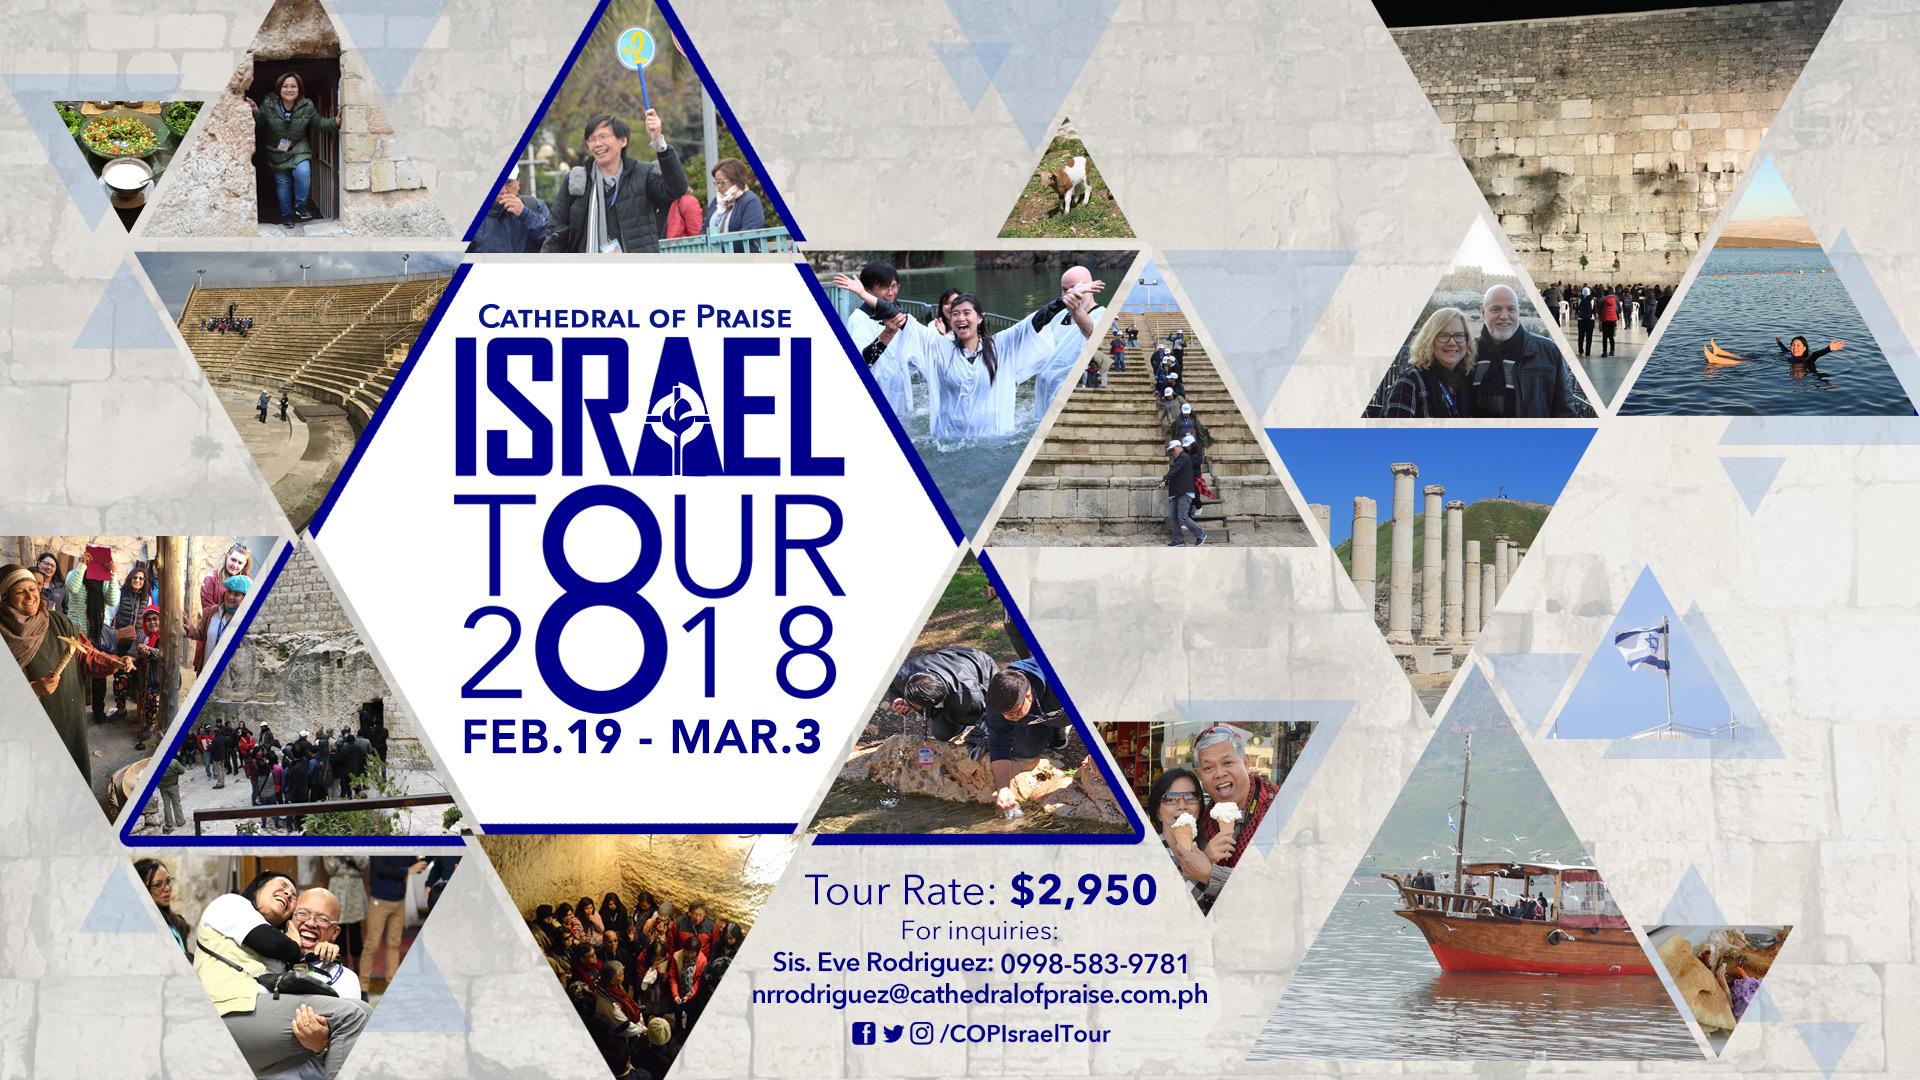 COP Israel Tour 2018